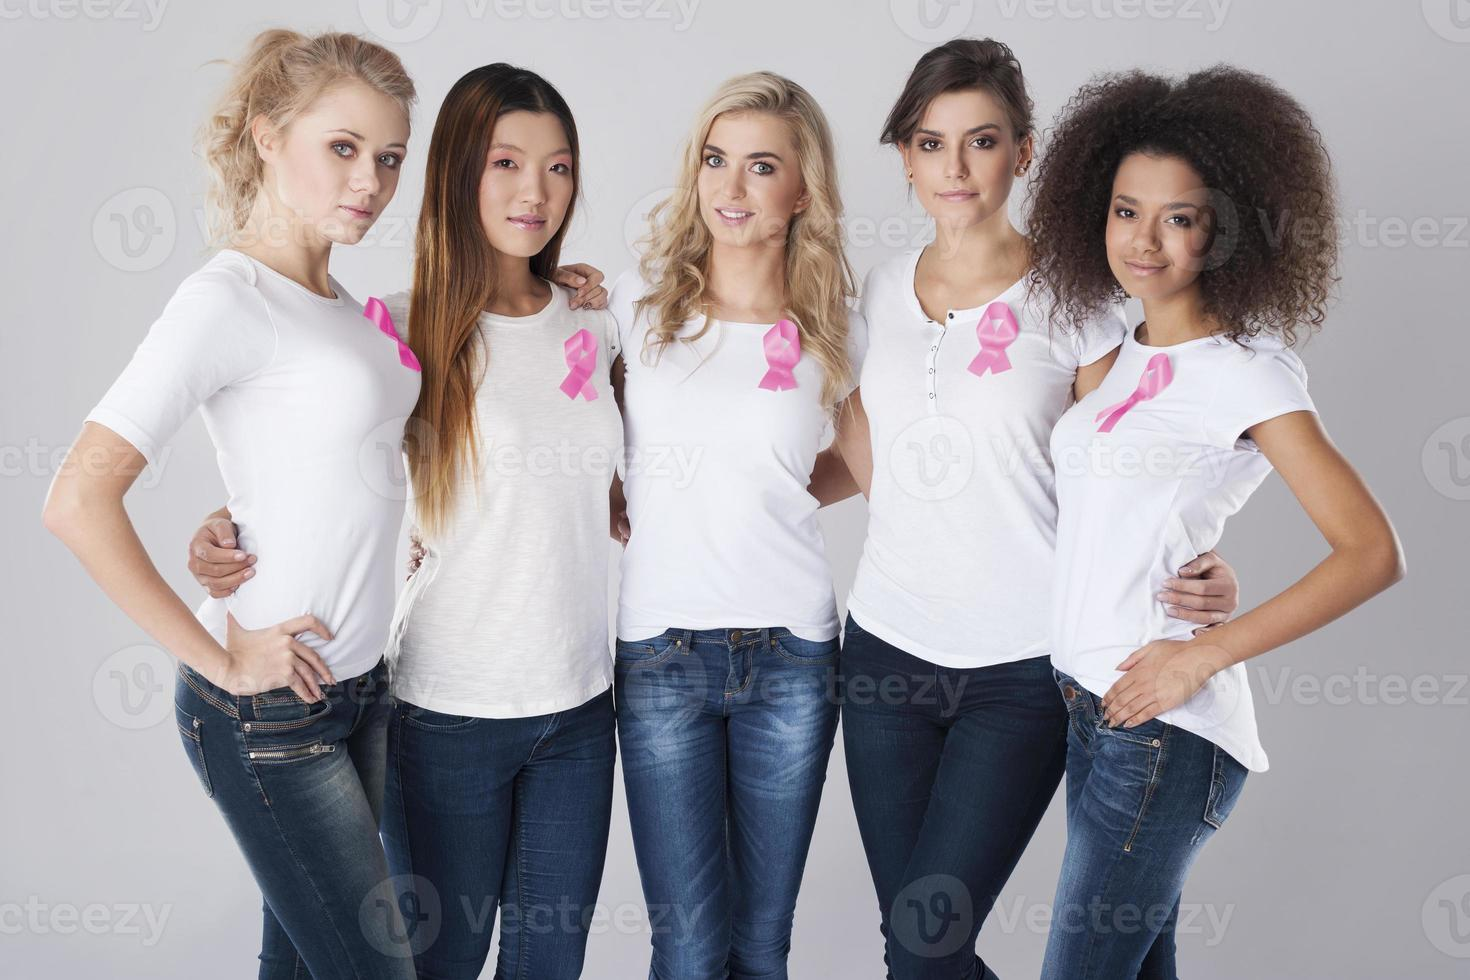 estas mujeres apoyan la lucha contra el cáncer de mama foto